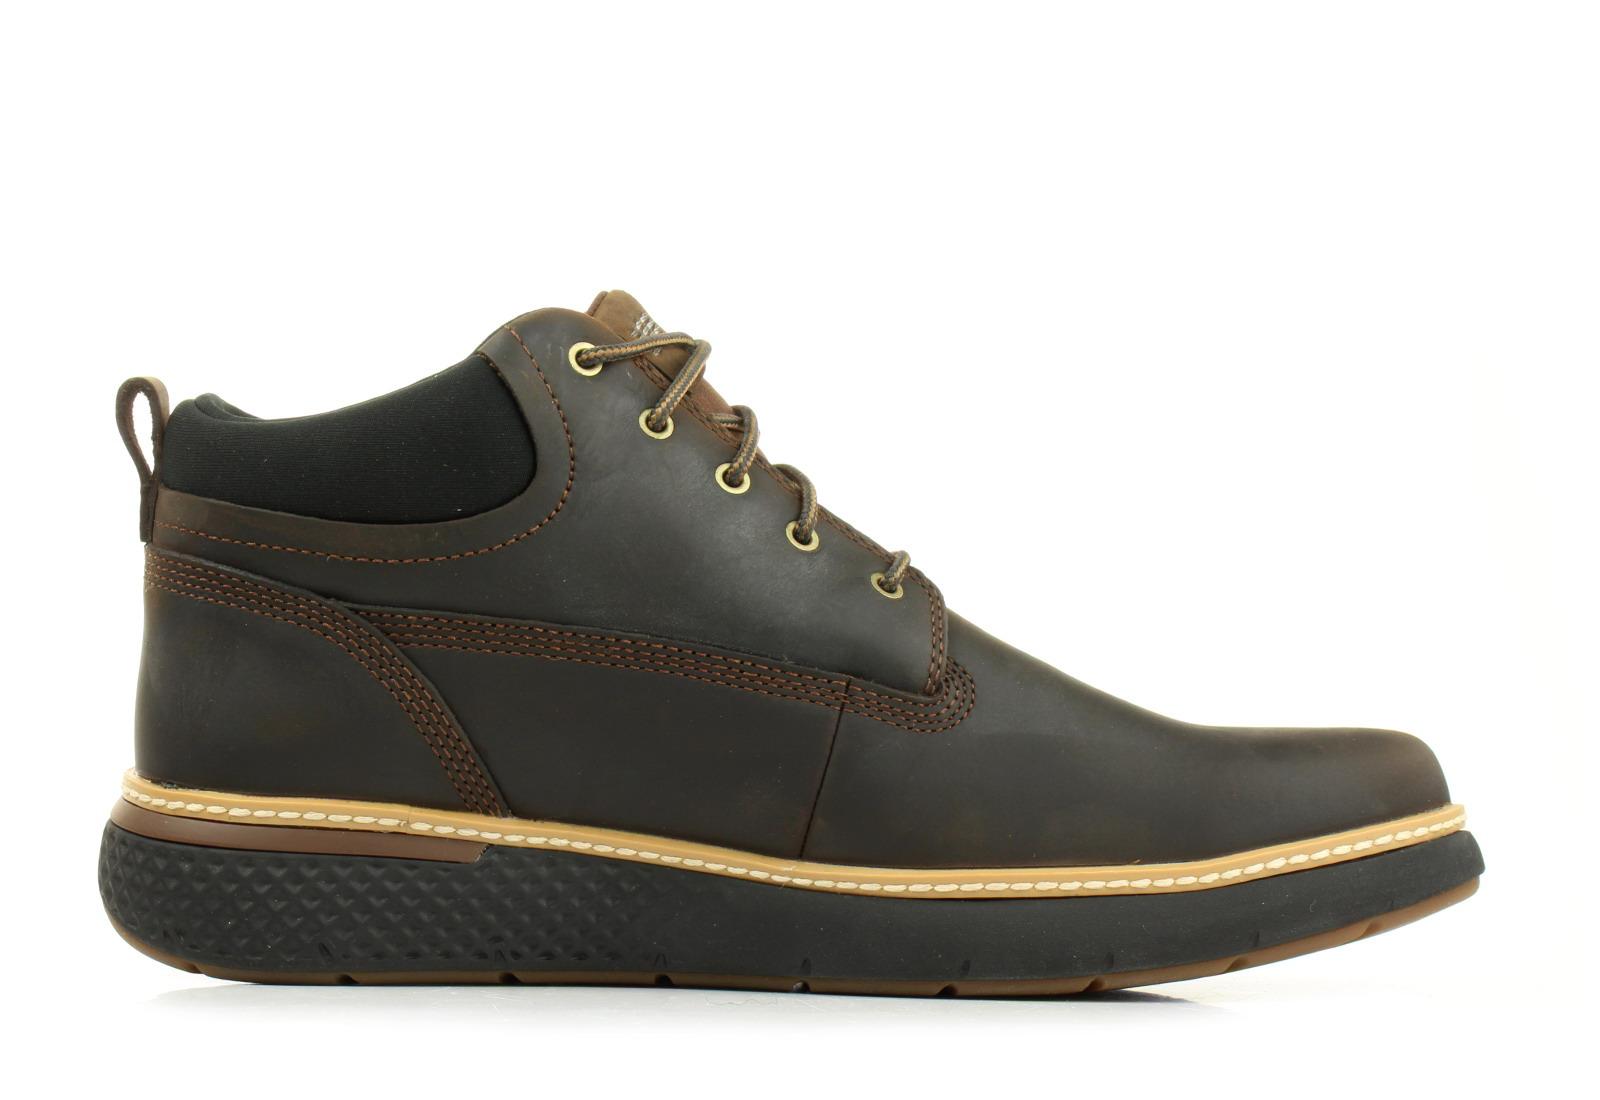 Timberland Boots - Cross Mark Gtx Chukka - A1TQL-soi - Online shop ... 60533884536